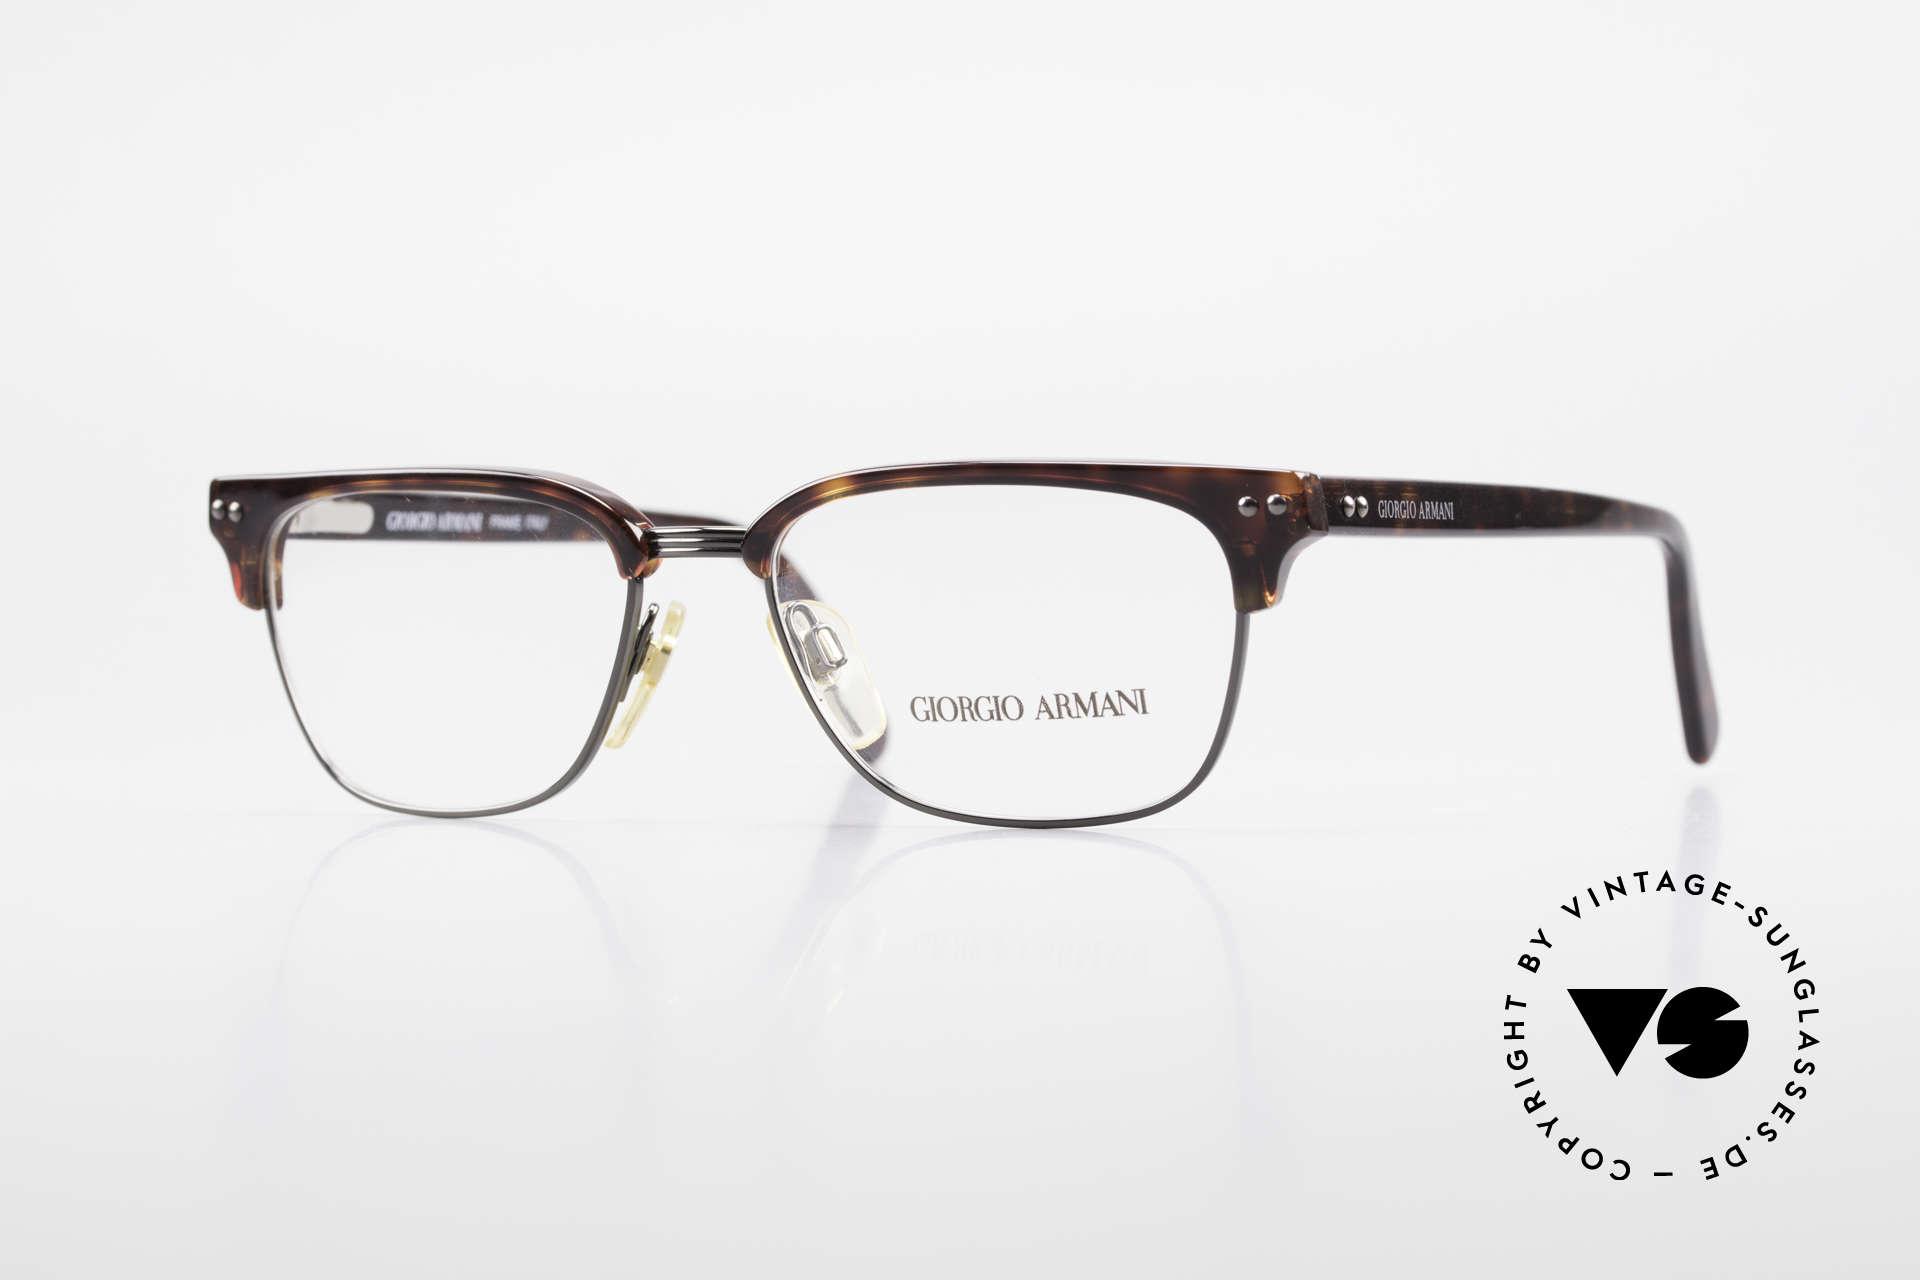 Giorgio Armani 381 Vintage Brille Clubmaster Stil, zeitlose 90er J. Giorgio Armani Designer-Fassung, Passend für Herren